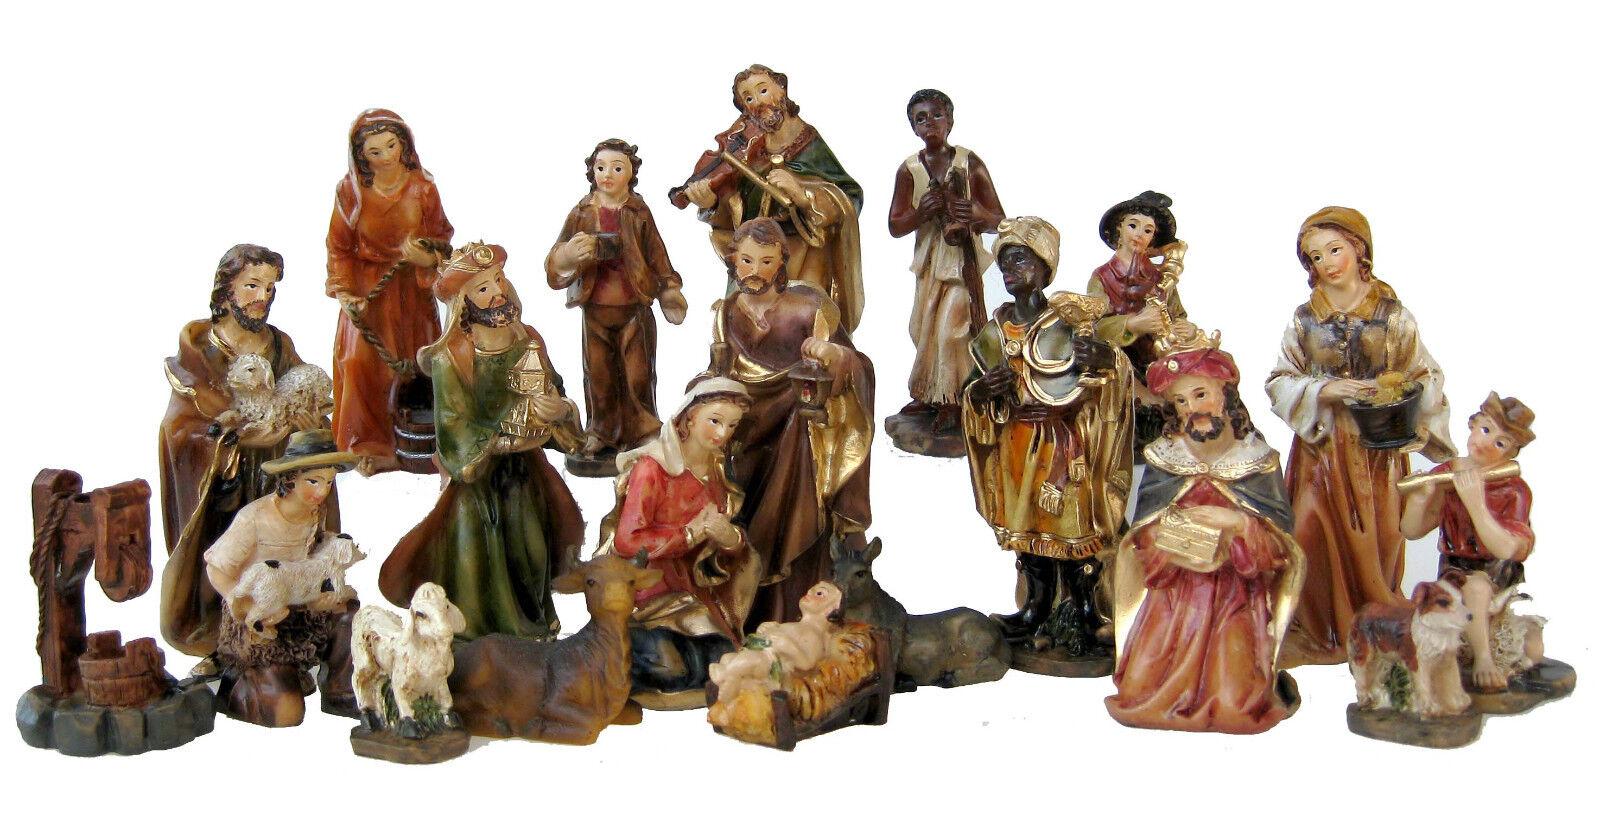 Weihnachtskrippe Krippenzubehör Krippenfiguren Krippenfiguren Krippenfiguren 20-teilig handbemalt 15 cm | Neuartiges Design  1cb970